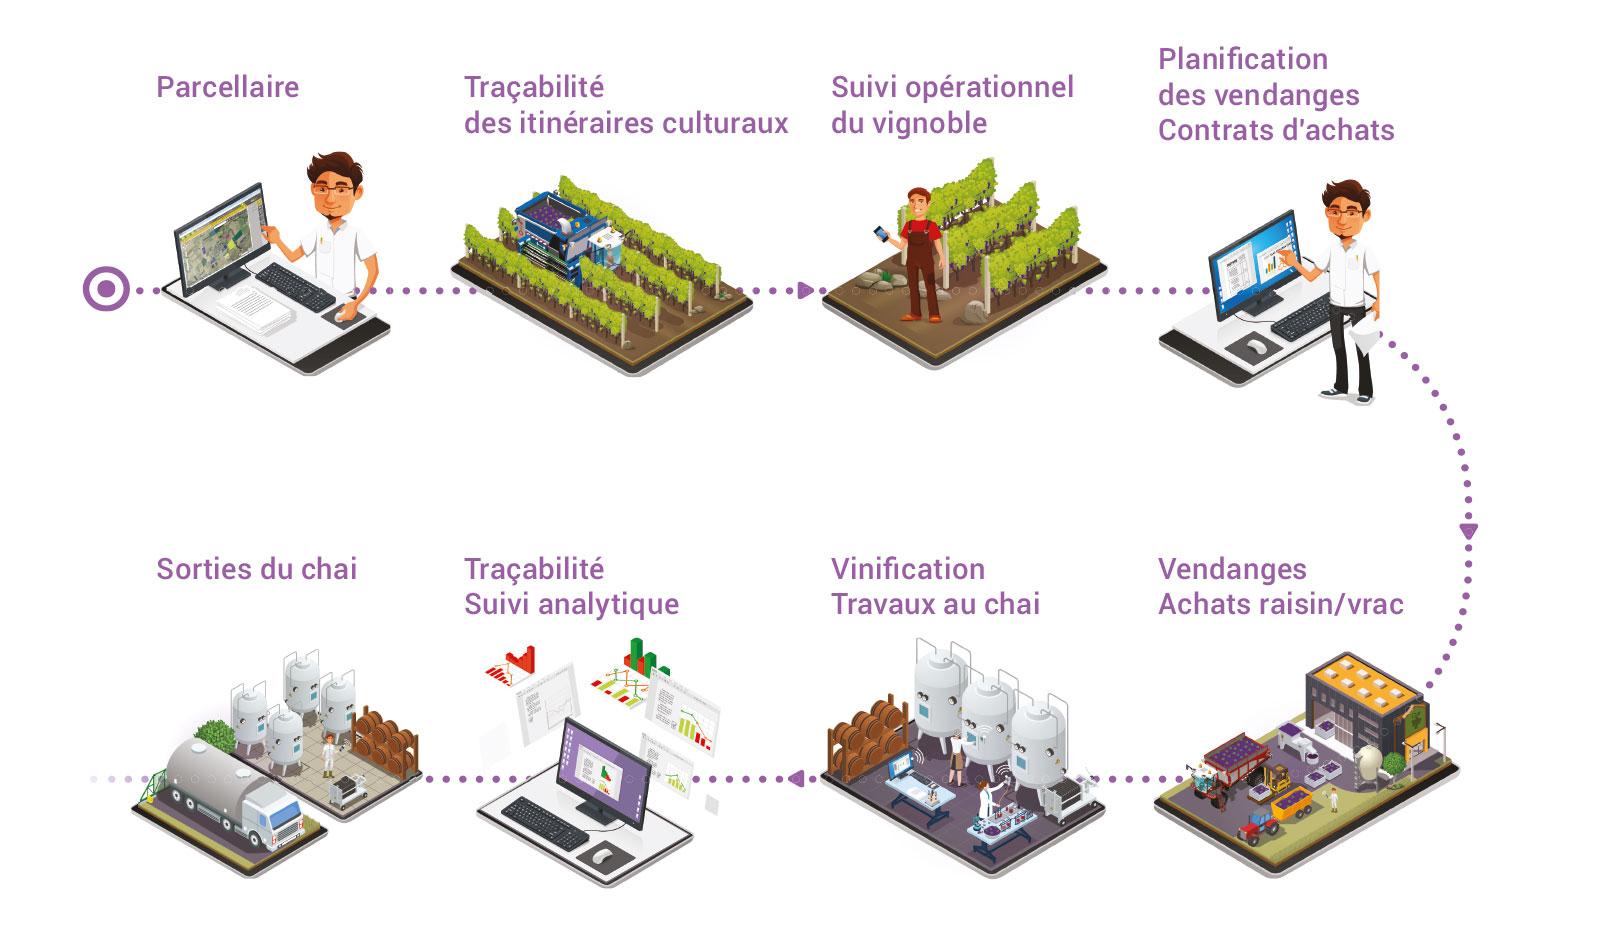 agreo vigne & vin logiciel de gestion des productions viti-vinicoles